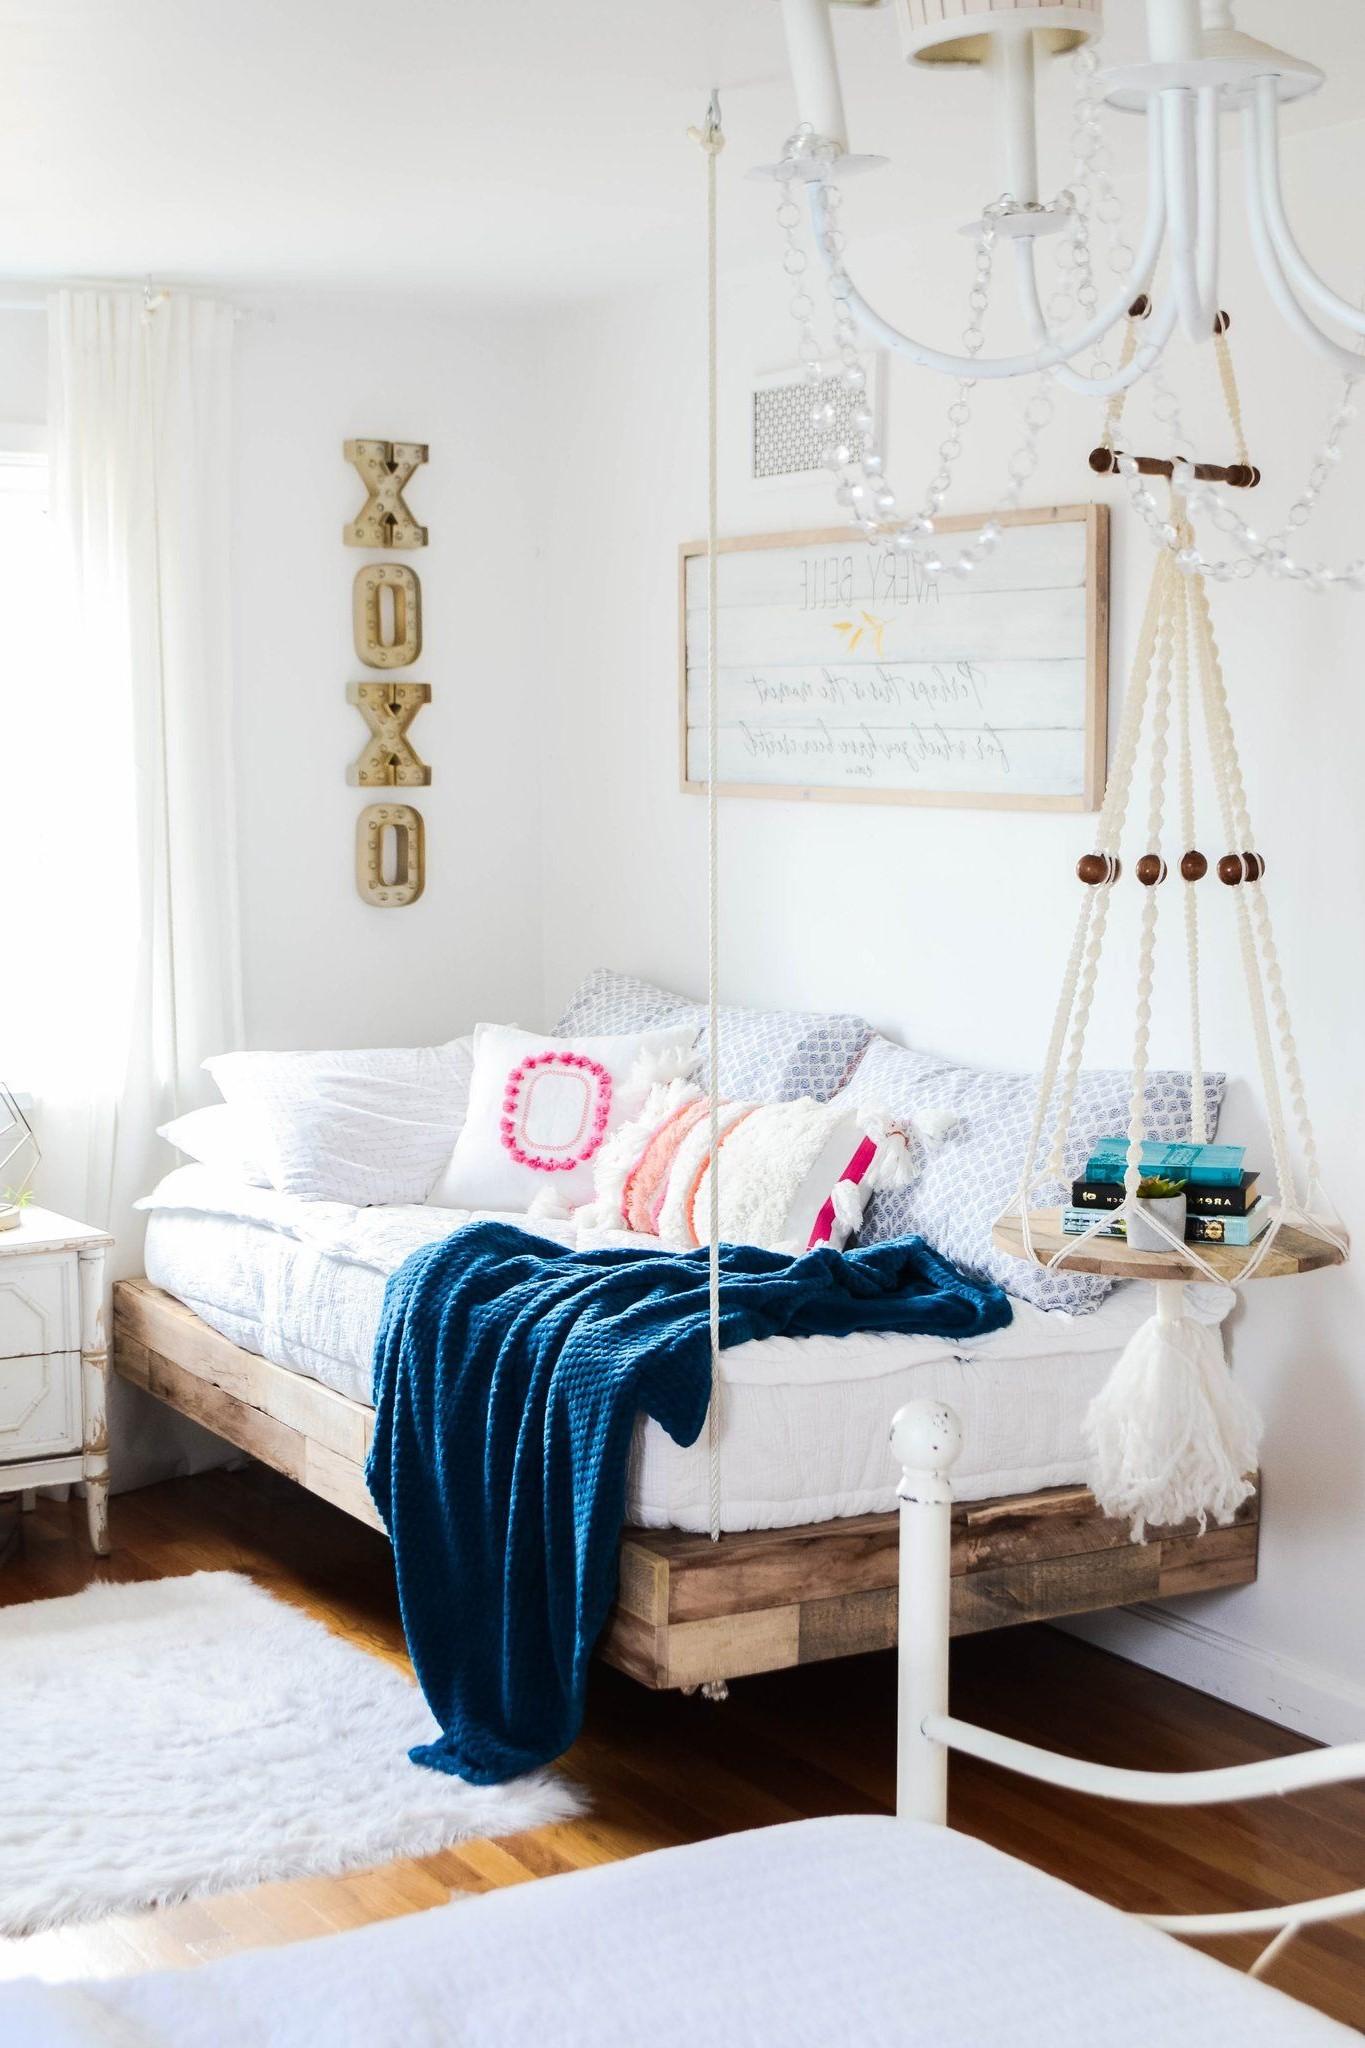 Ce lit est parfait car il a beaucoup d'espace de rangement gratuit en dessous.